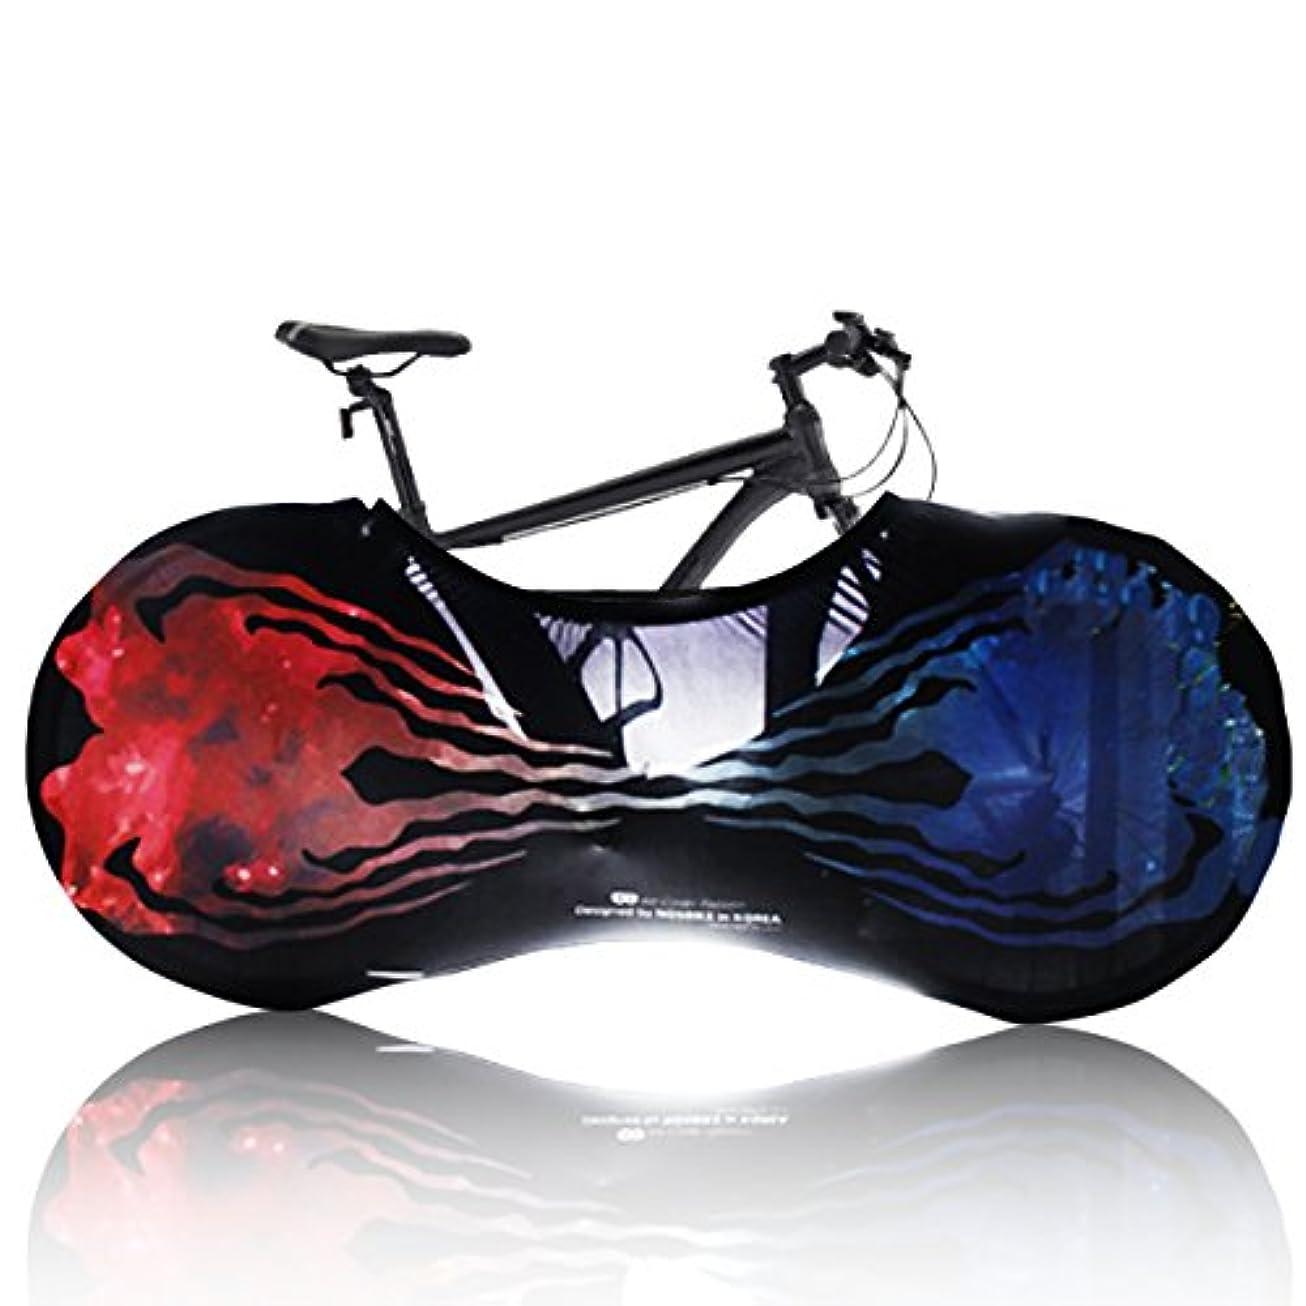 スペル高音正確なFelimoa 自転車用 保護カバー 伸縮自在 室内保管時の汚れ防止 軽量で使いやすさ抜群! 屋内収納 車内収納